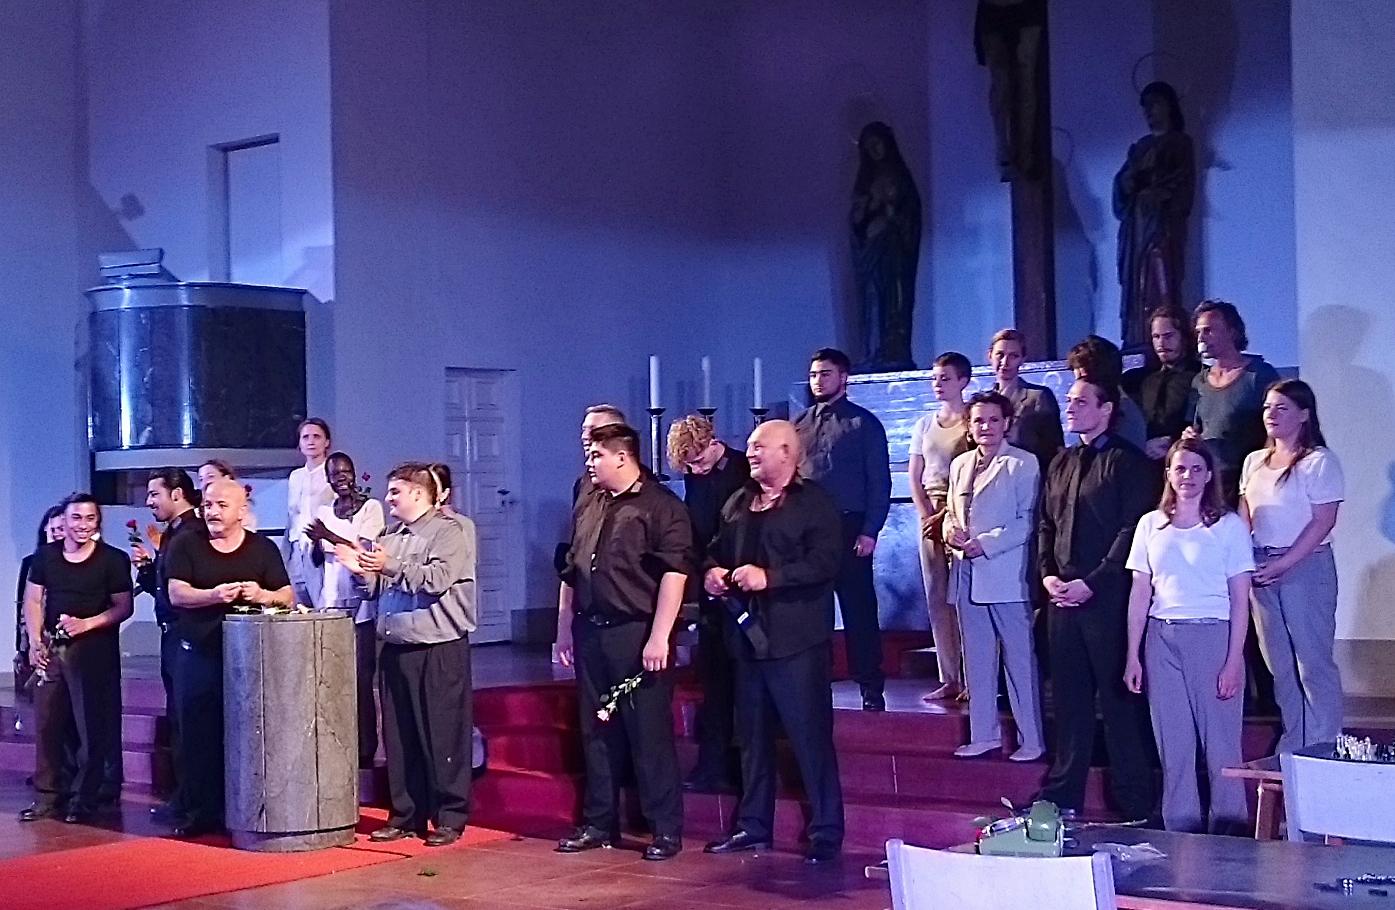 Das Ensemble von Glaube Liebe Hoffnung in der St. Johanneskirche Moabit - Foto: St. B.